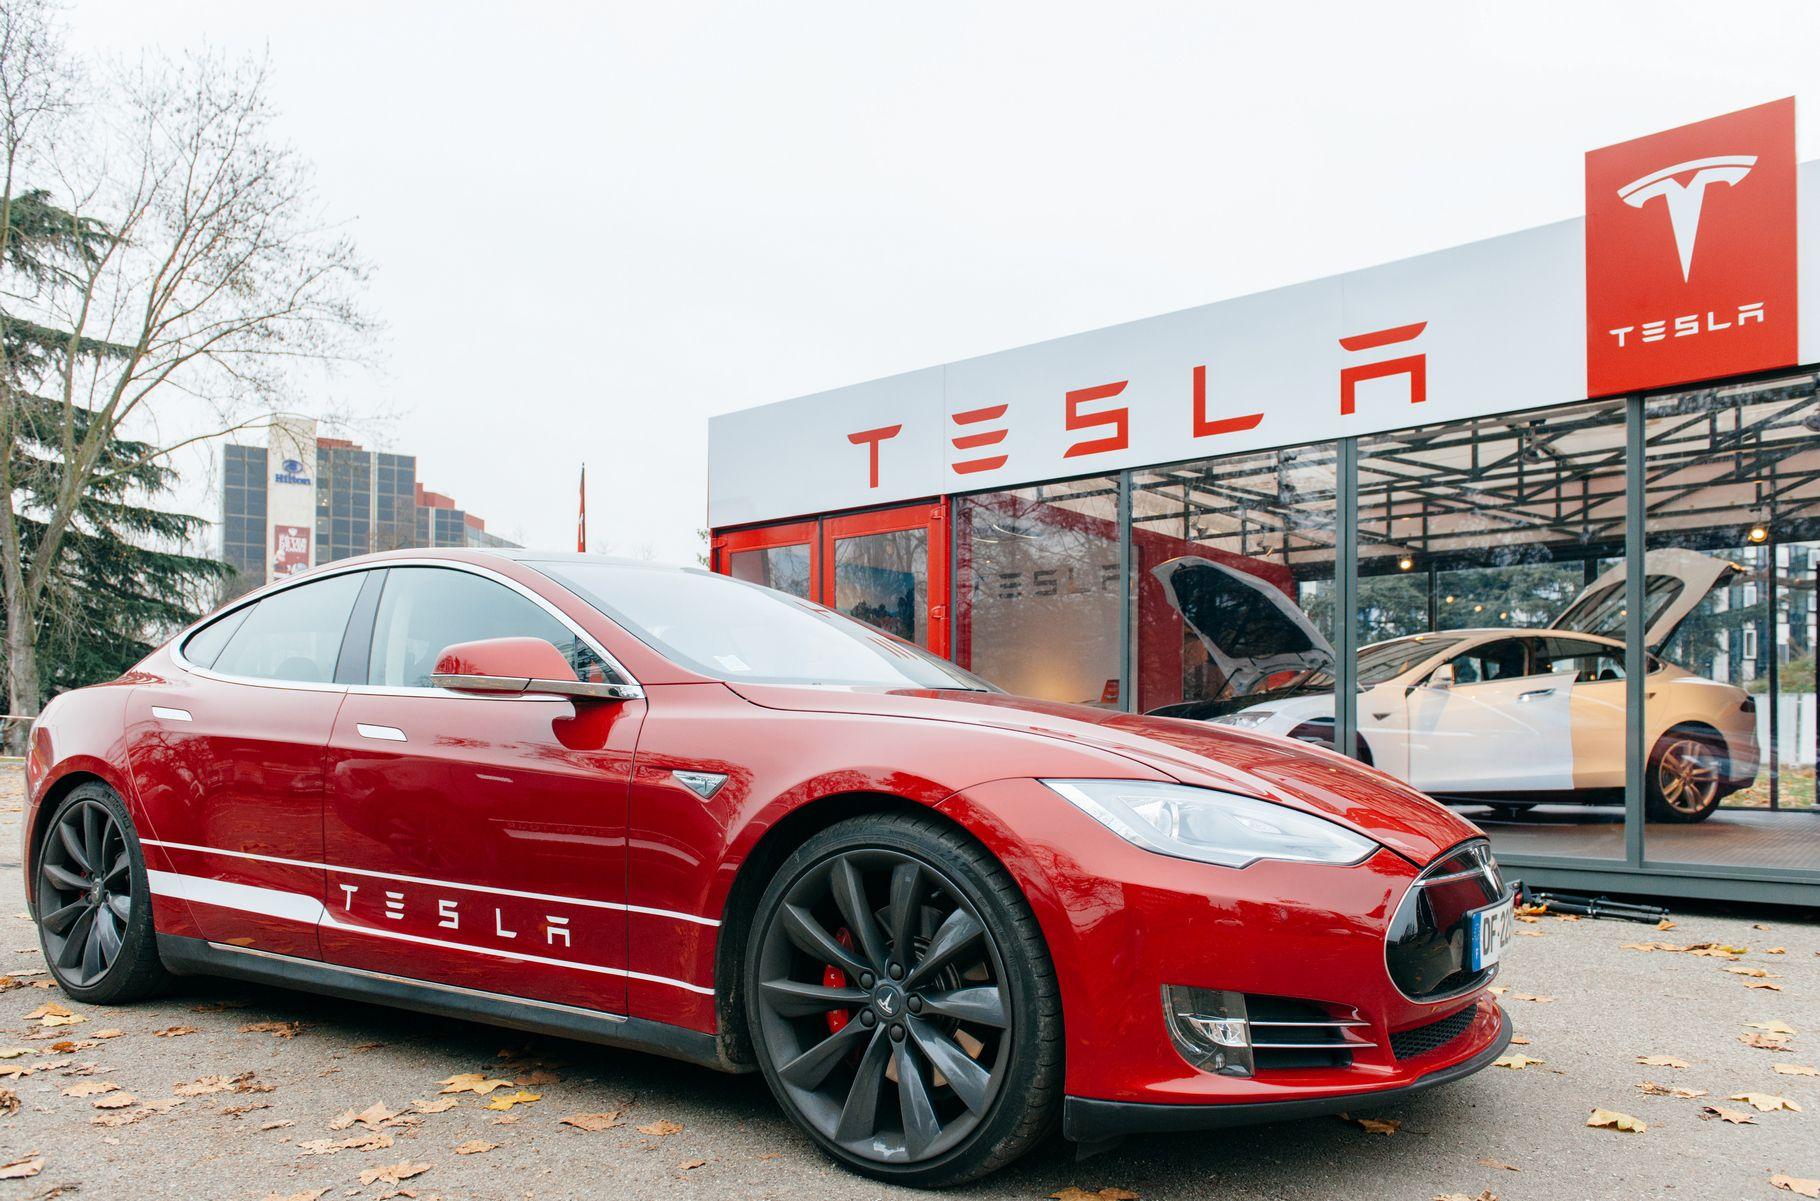 d7d157c420_Tesla_ModelS